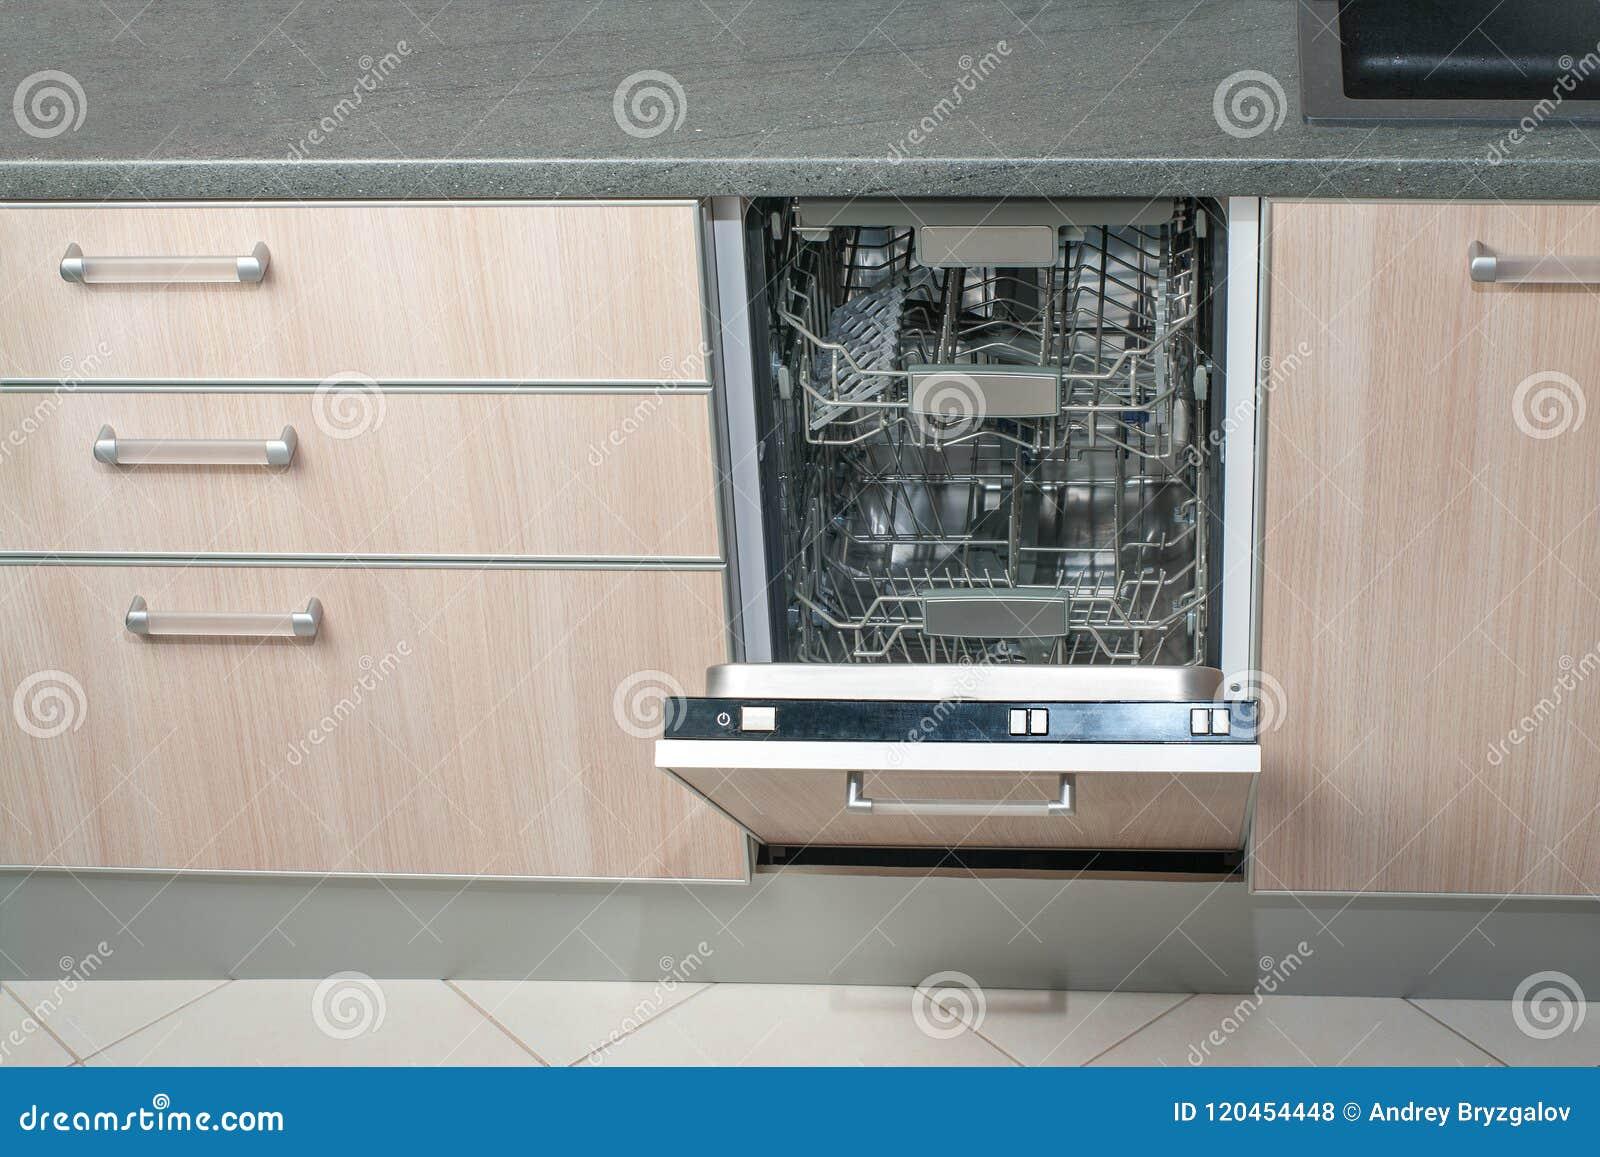 Otwiera pustego zmywarkiego do naczyń w kuchni Nowożytna mądrze elektroniczna housekeeping technologia